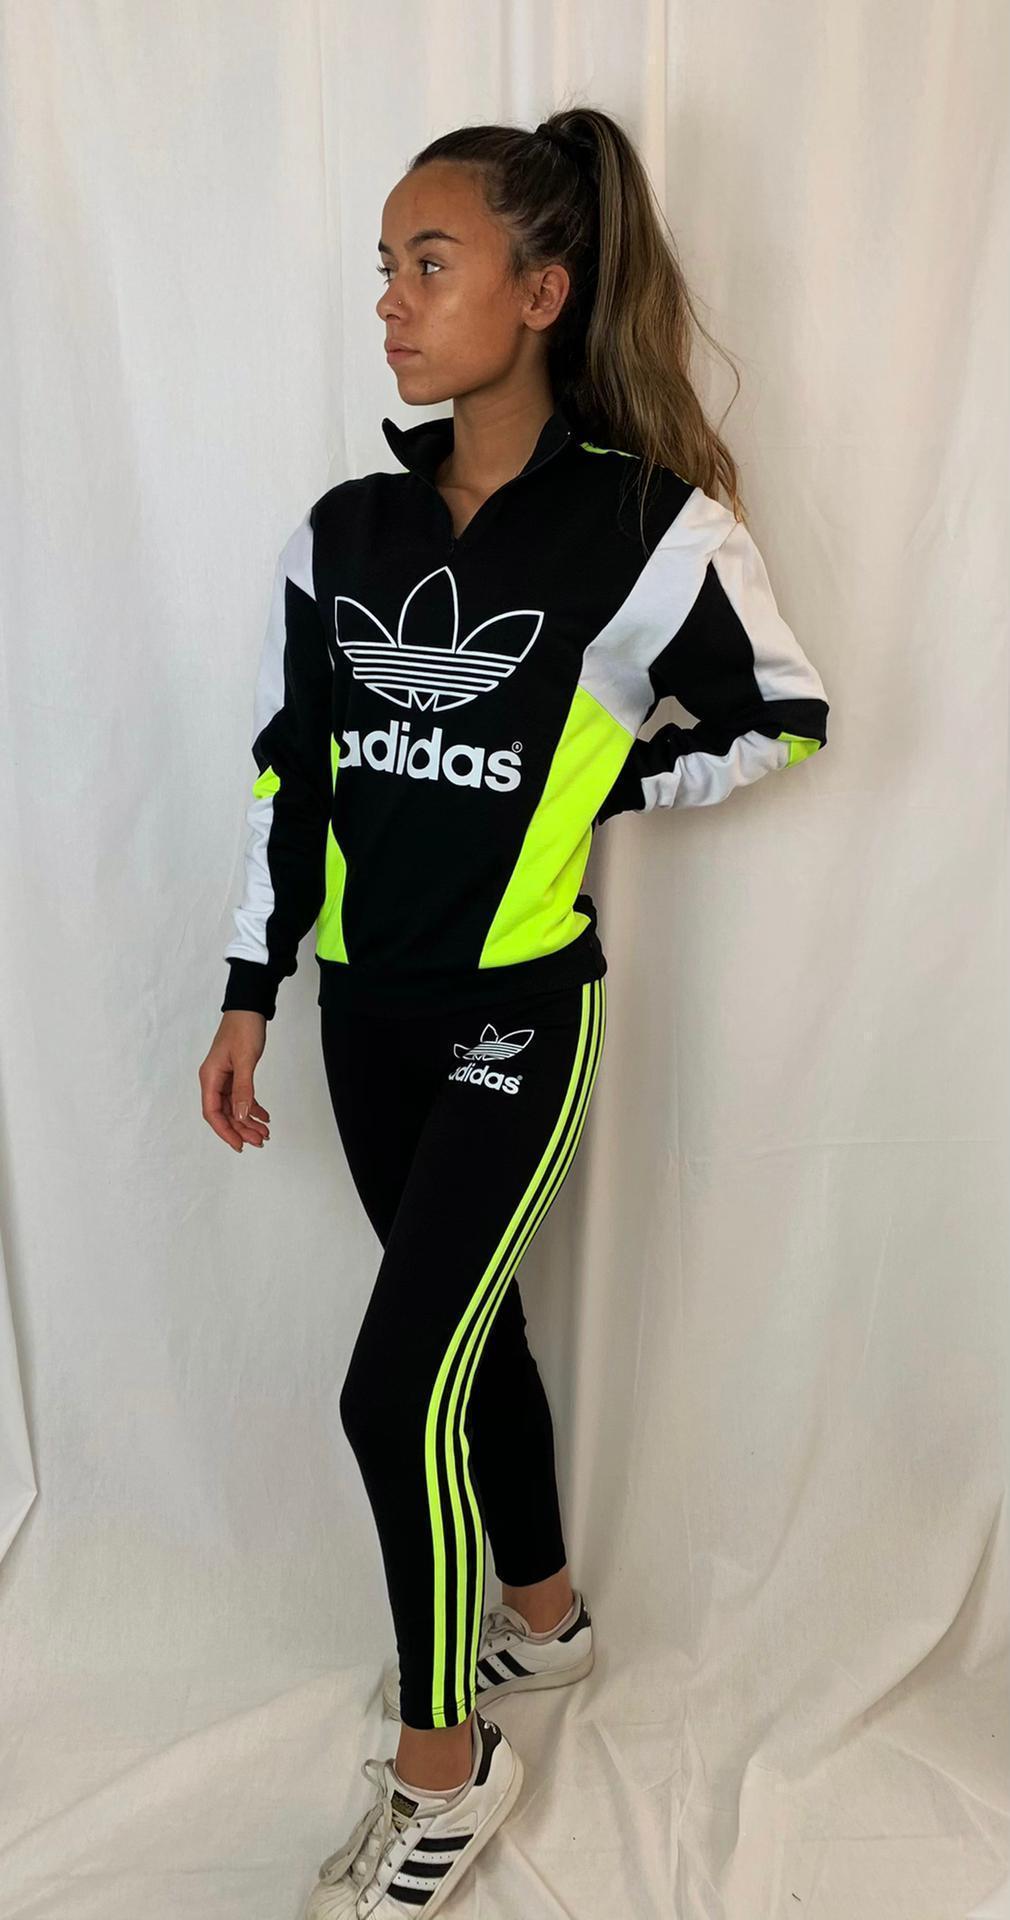 Conjunto Adidas 3 colores